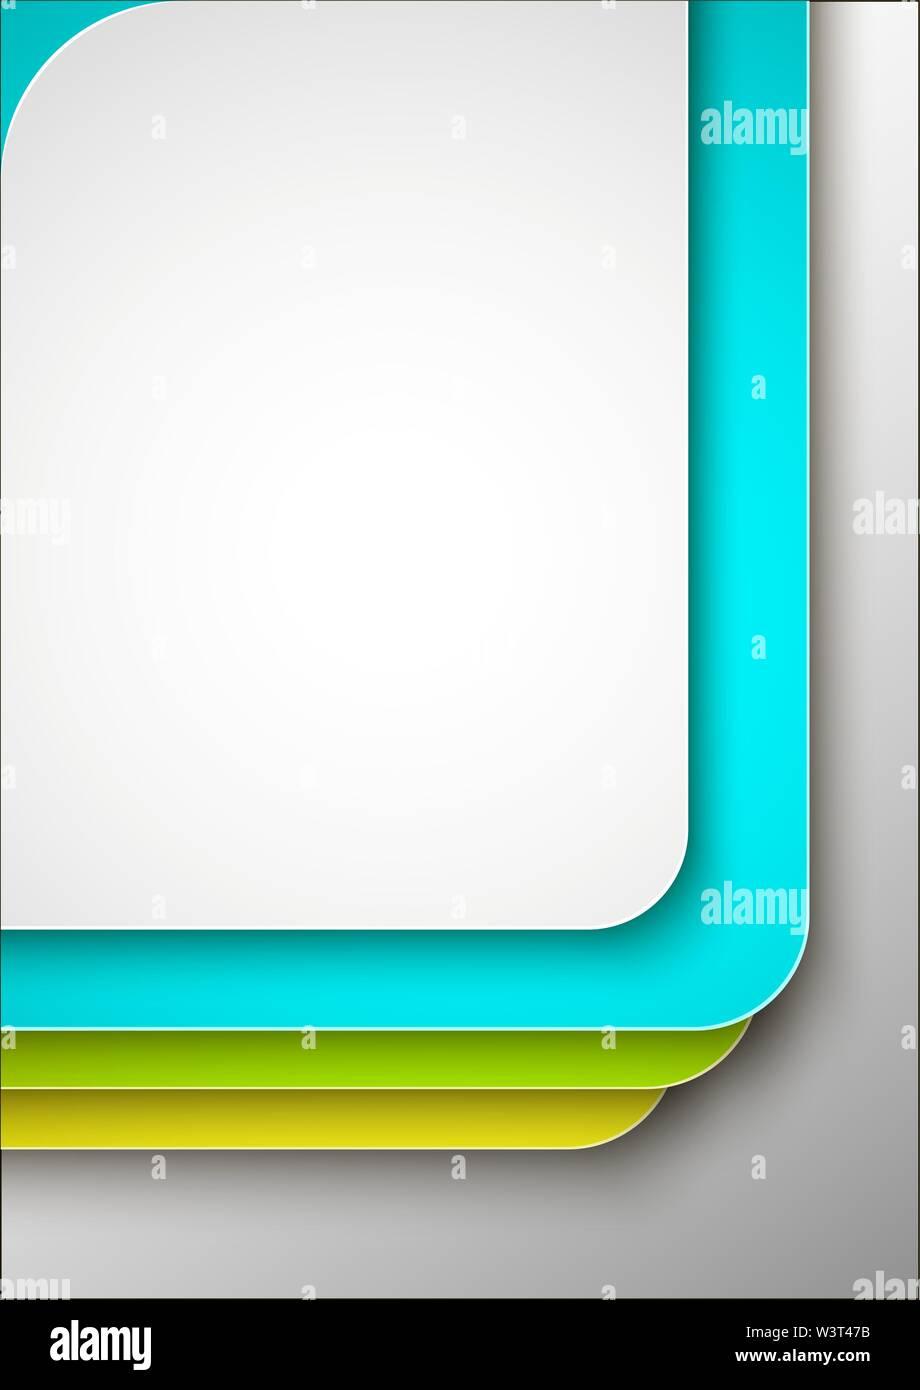 Résumé de la couverture ou modèle de conception de l'affiche. Photo Stock